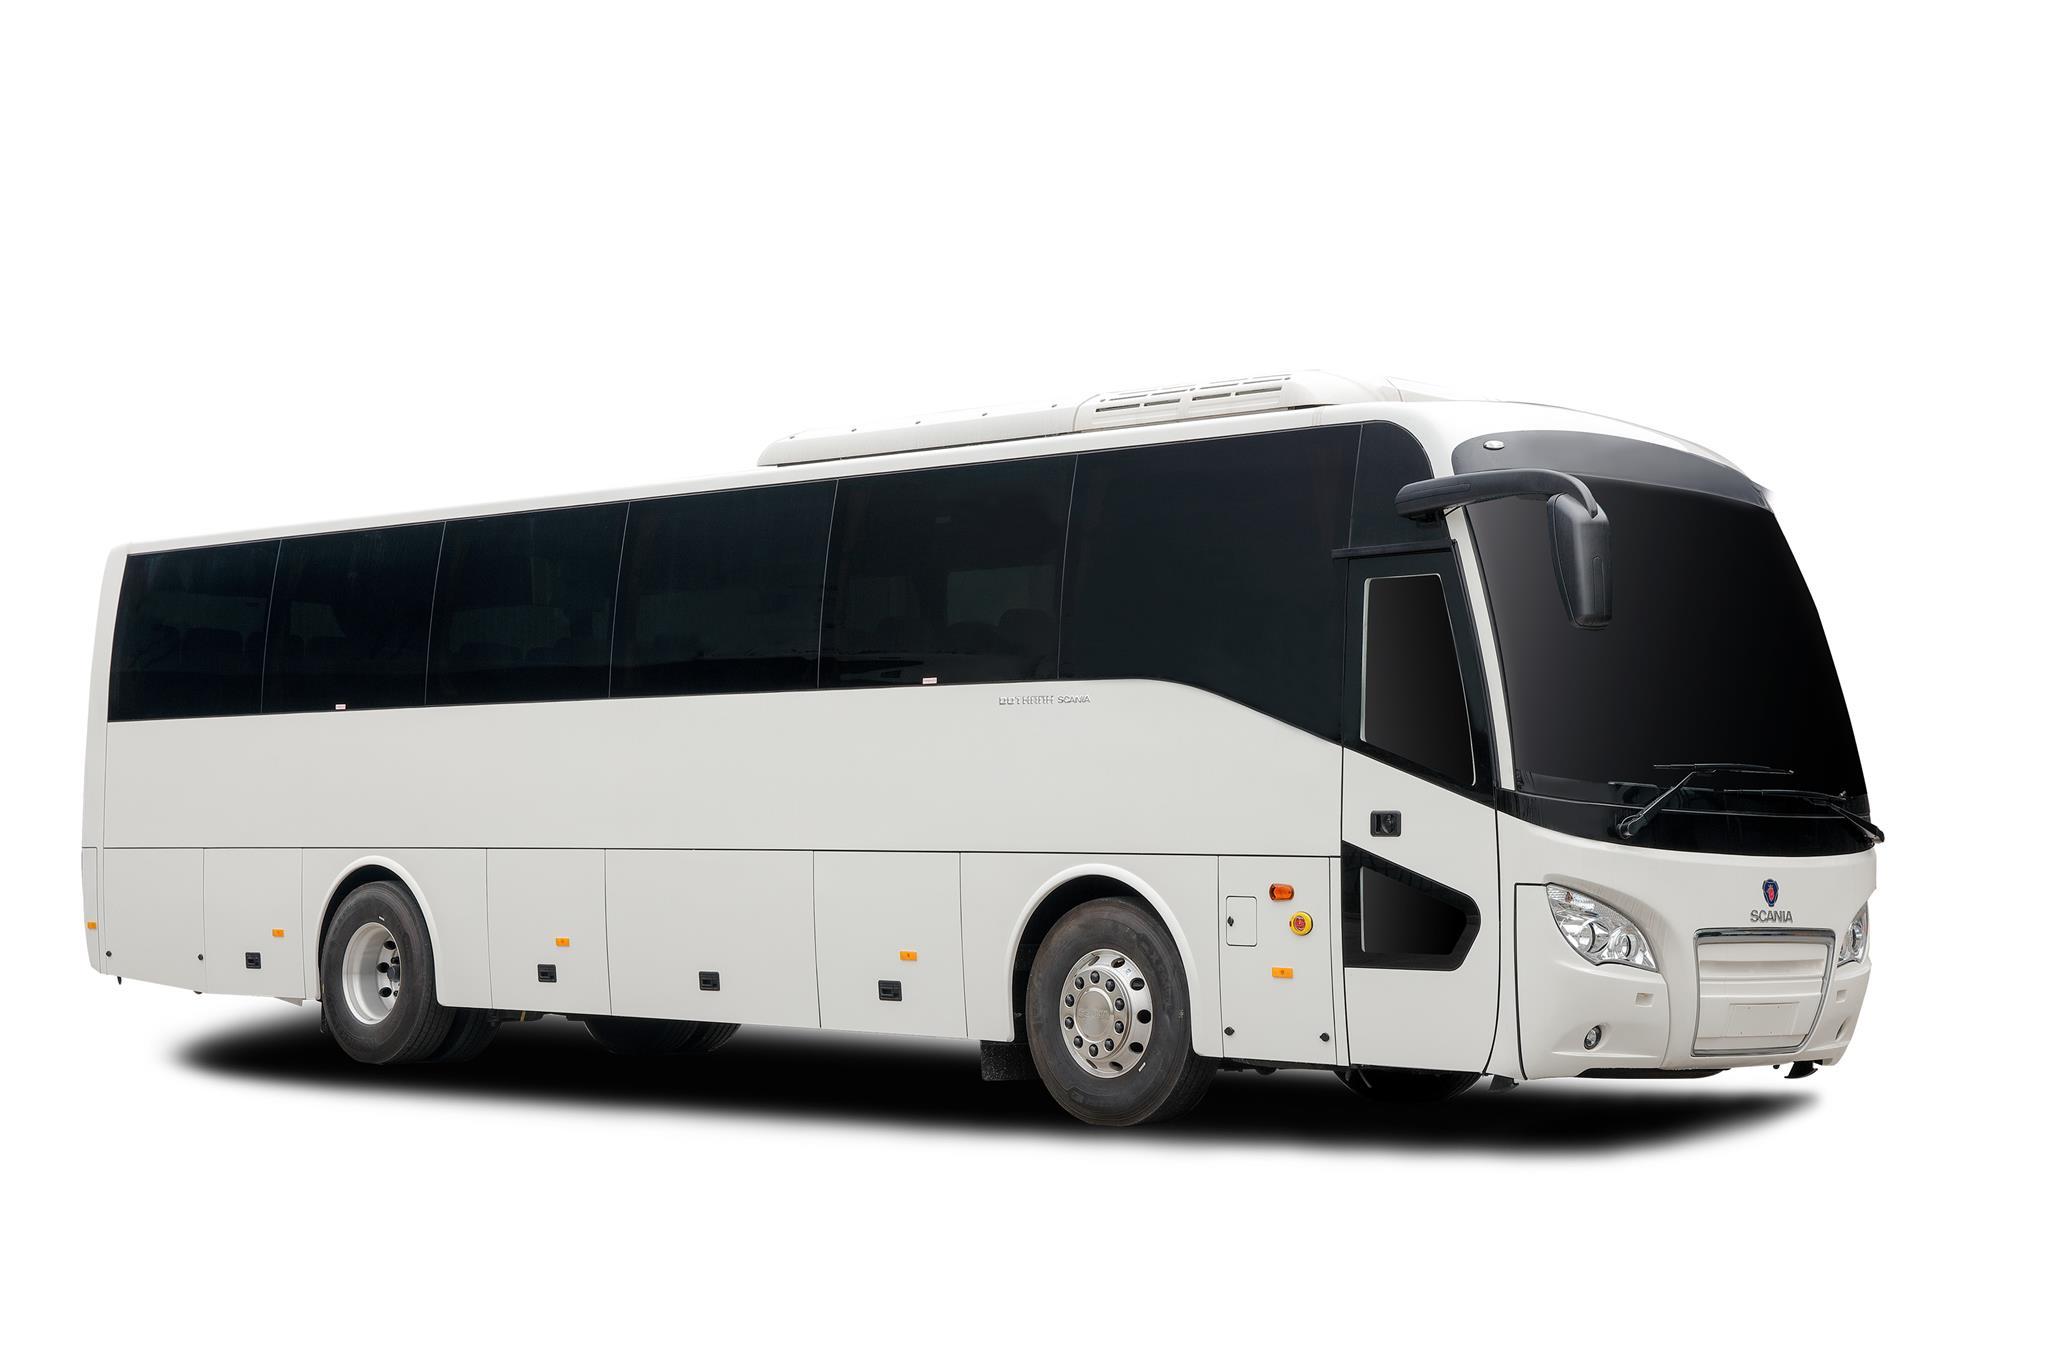 xe khach hyundai do thanh